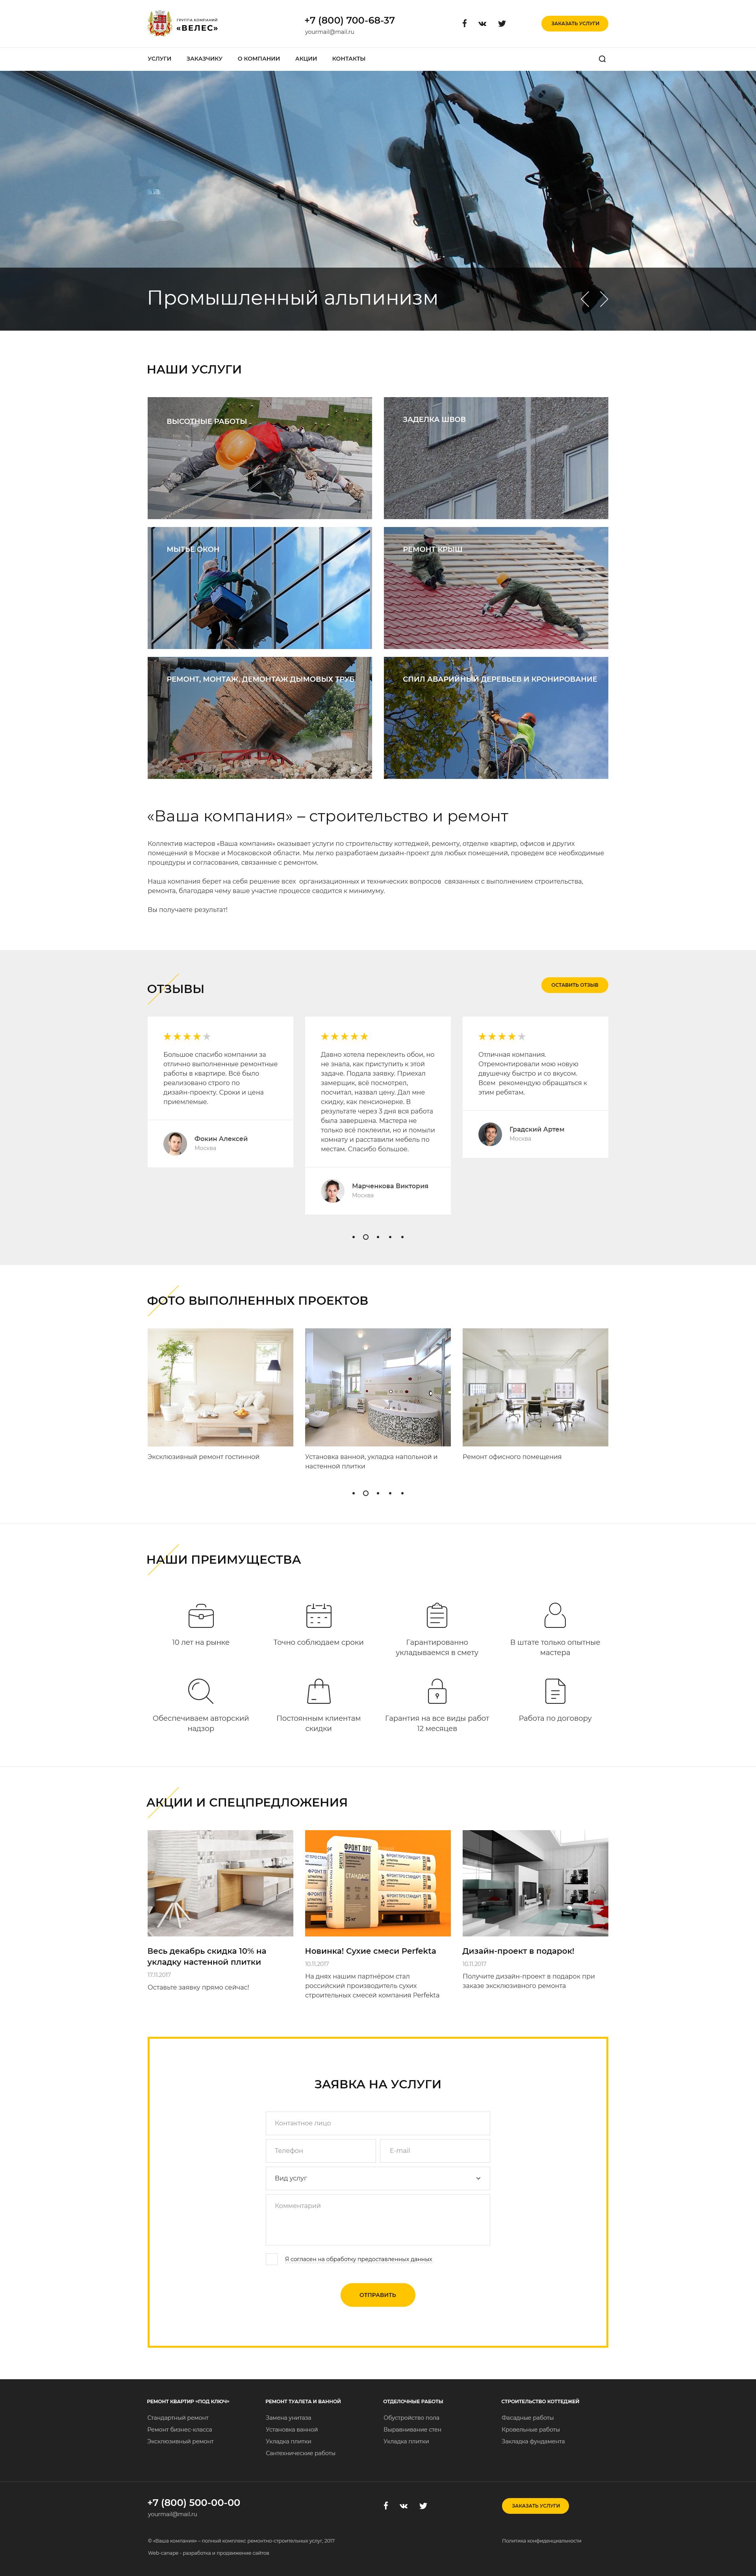 Создание сайта ремонтно-строительной фирмы «ОЛИМП»